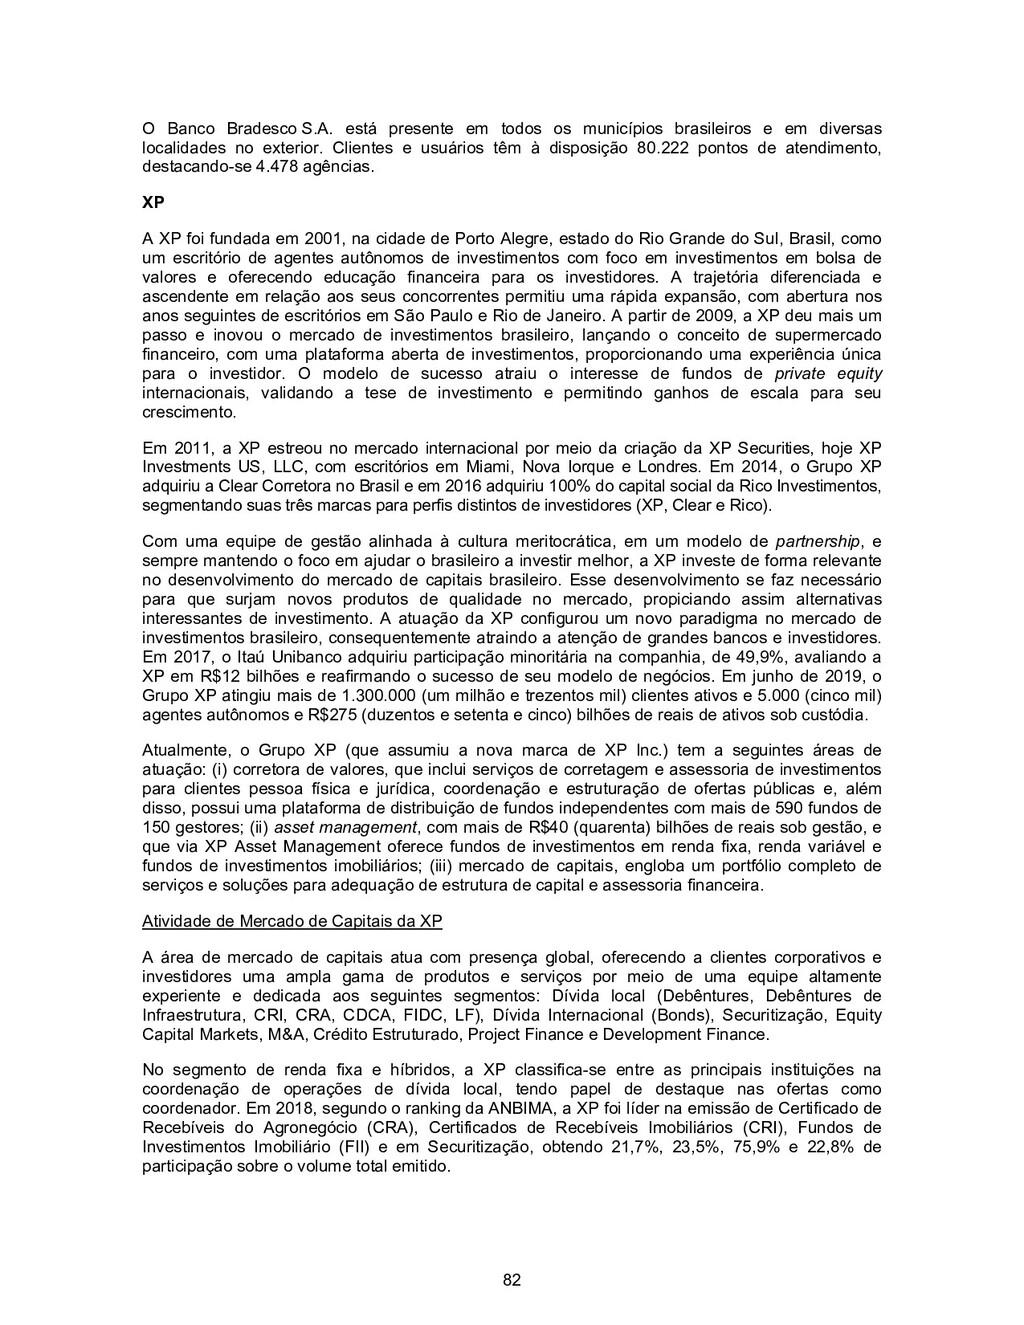 82 O Banco Bradesco S.A. está presente em todos...